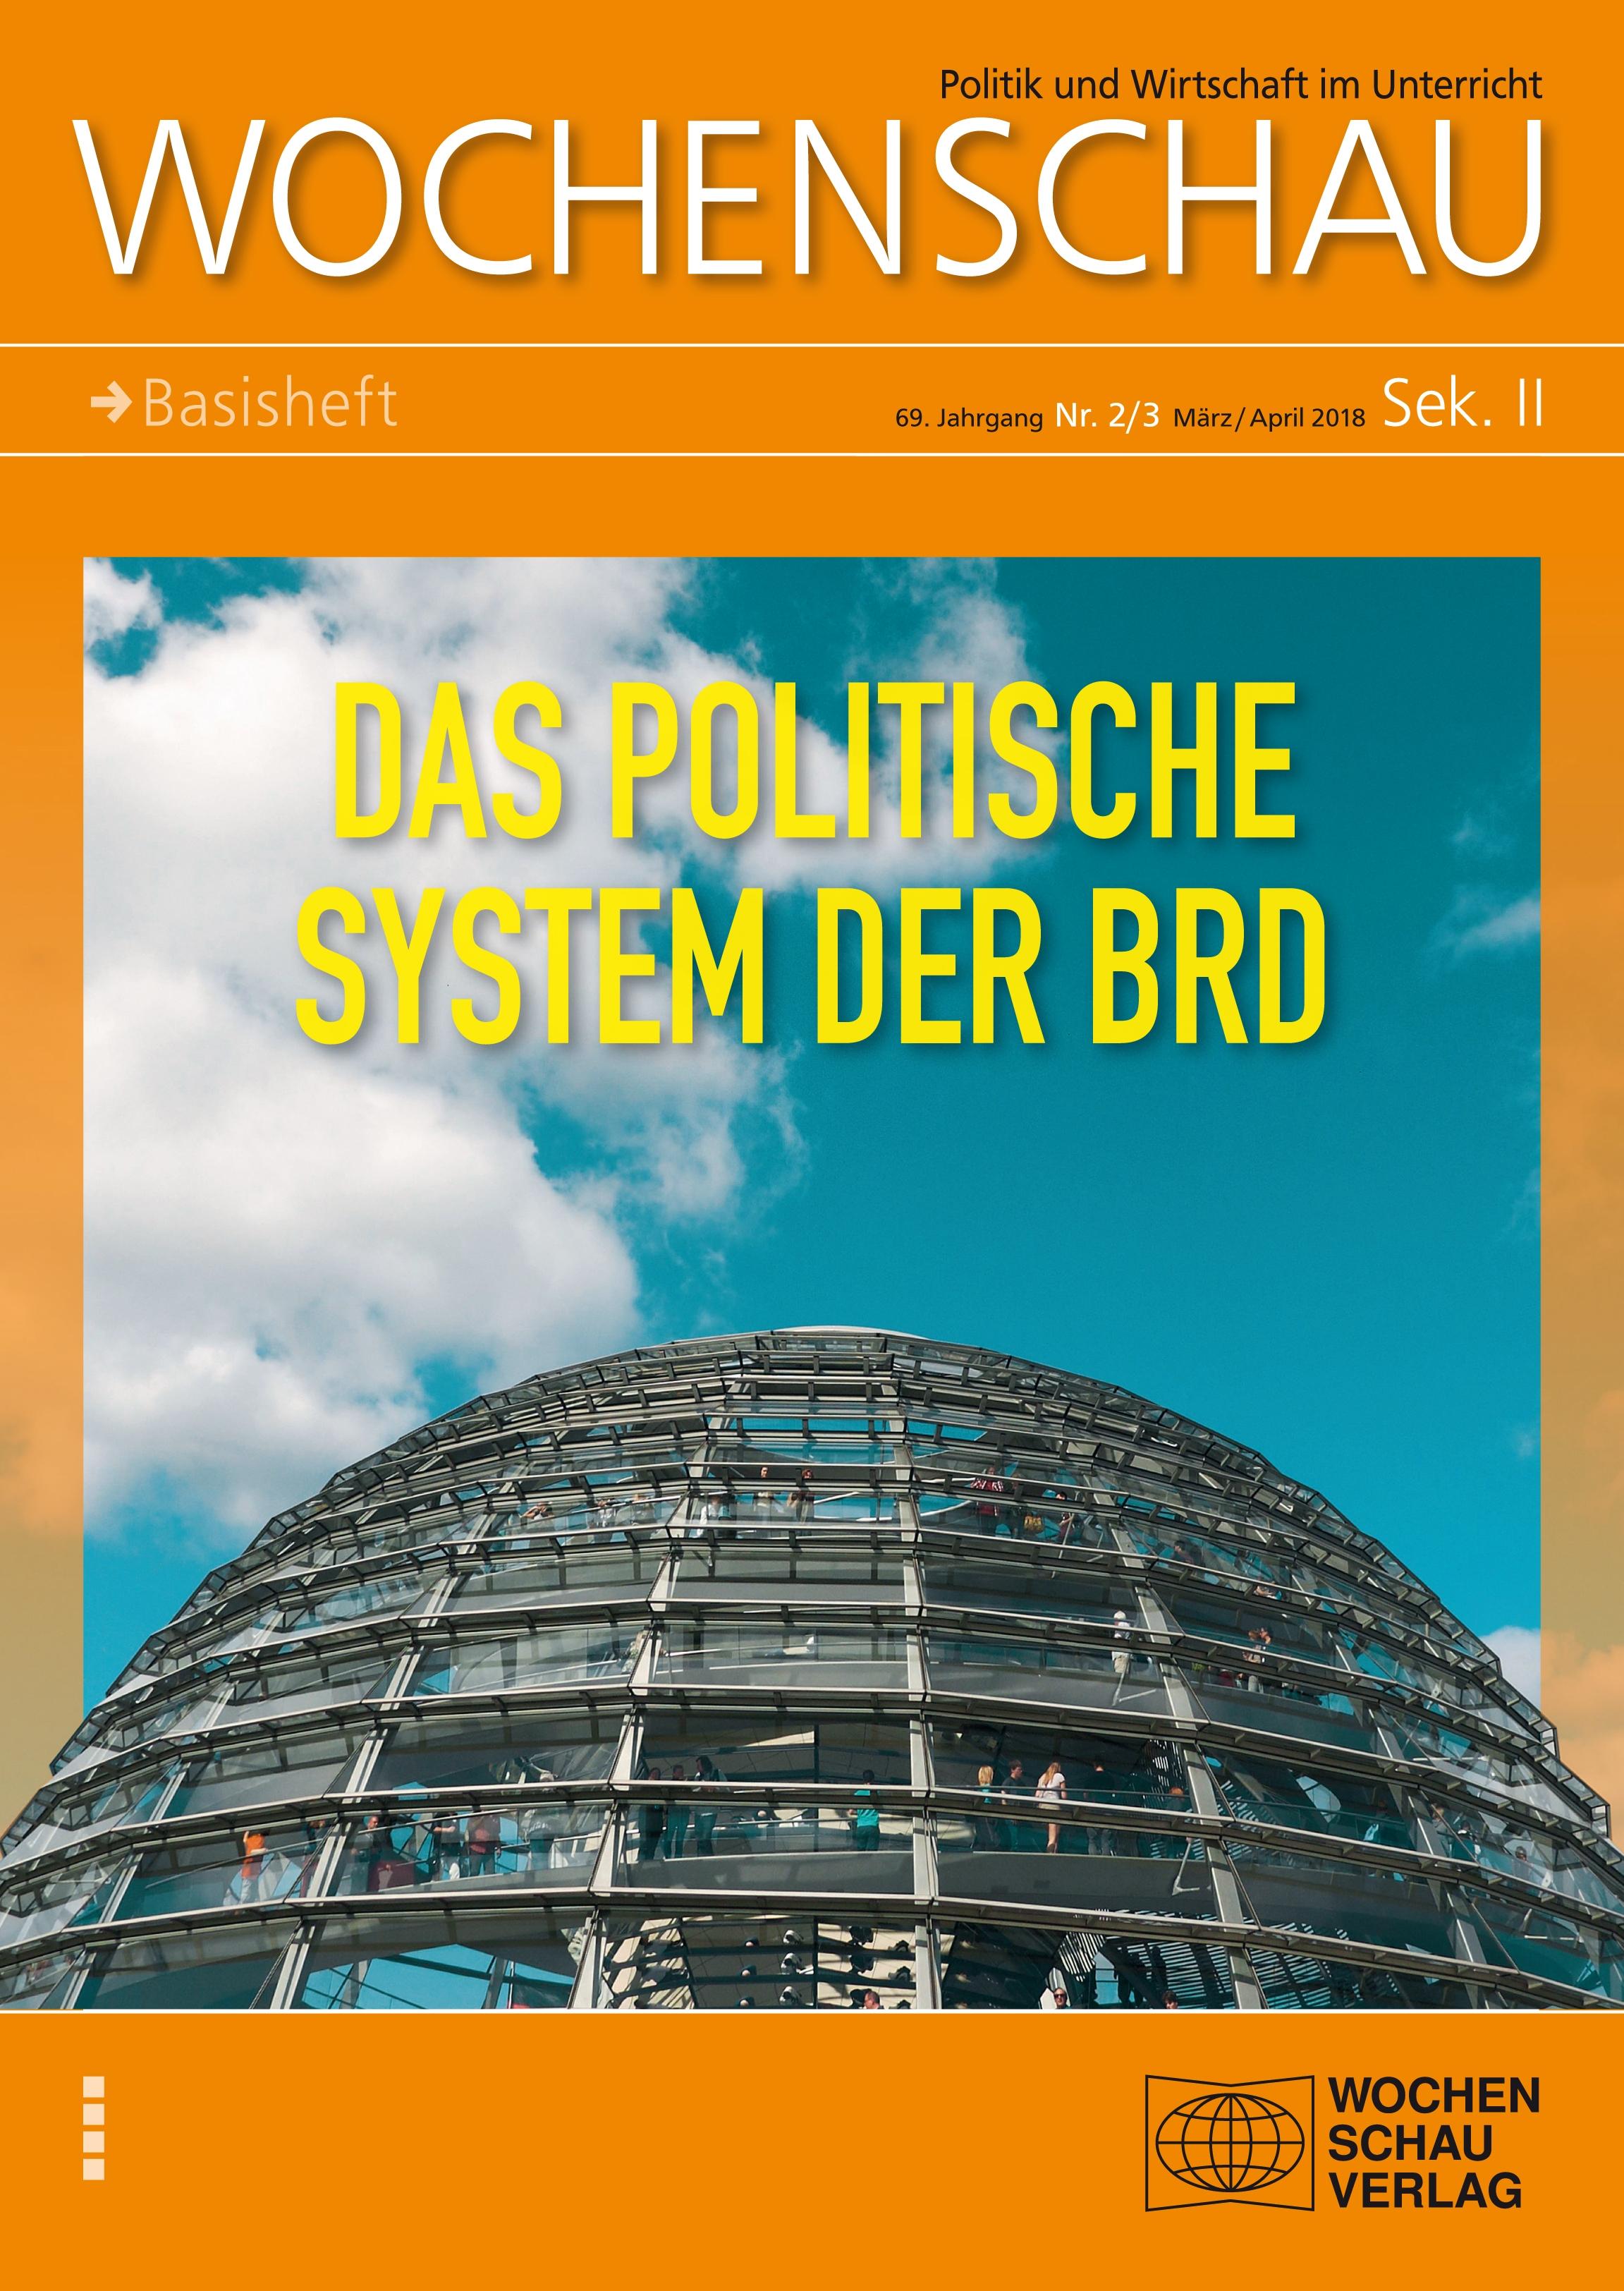 Bundesrepublik, Bundestag, Bundestagswahl, Bundesverfassungsgericht, Bürgerbeteiligung, Demokratie , Gesetze, Grundgesetz, Politisches System, Rechtsstaat, Regierung, Staatsaufbau und Demokratie, Wahlen